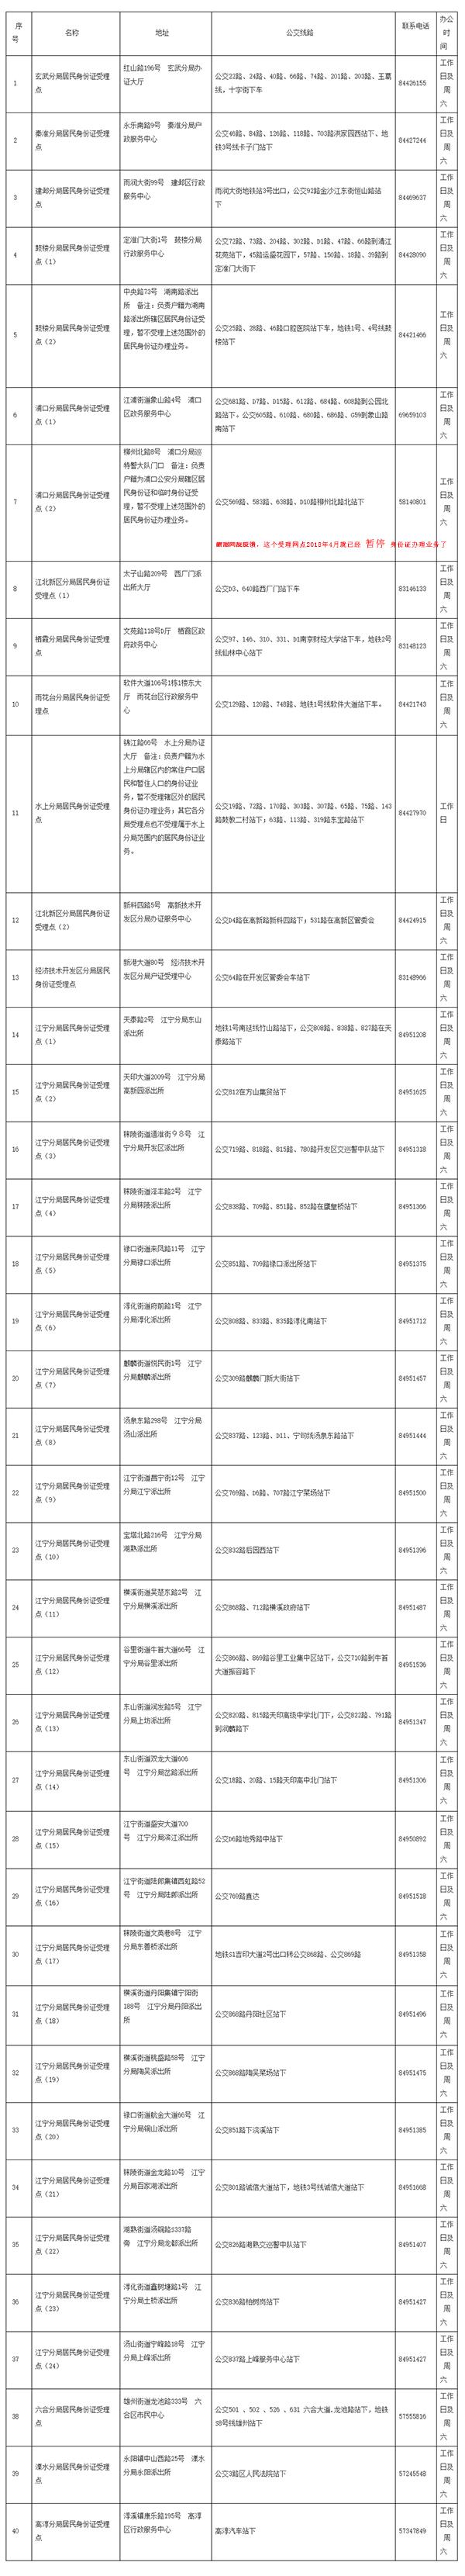 南京40个身份证办理点(名字+地址+路线+电话)